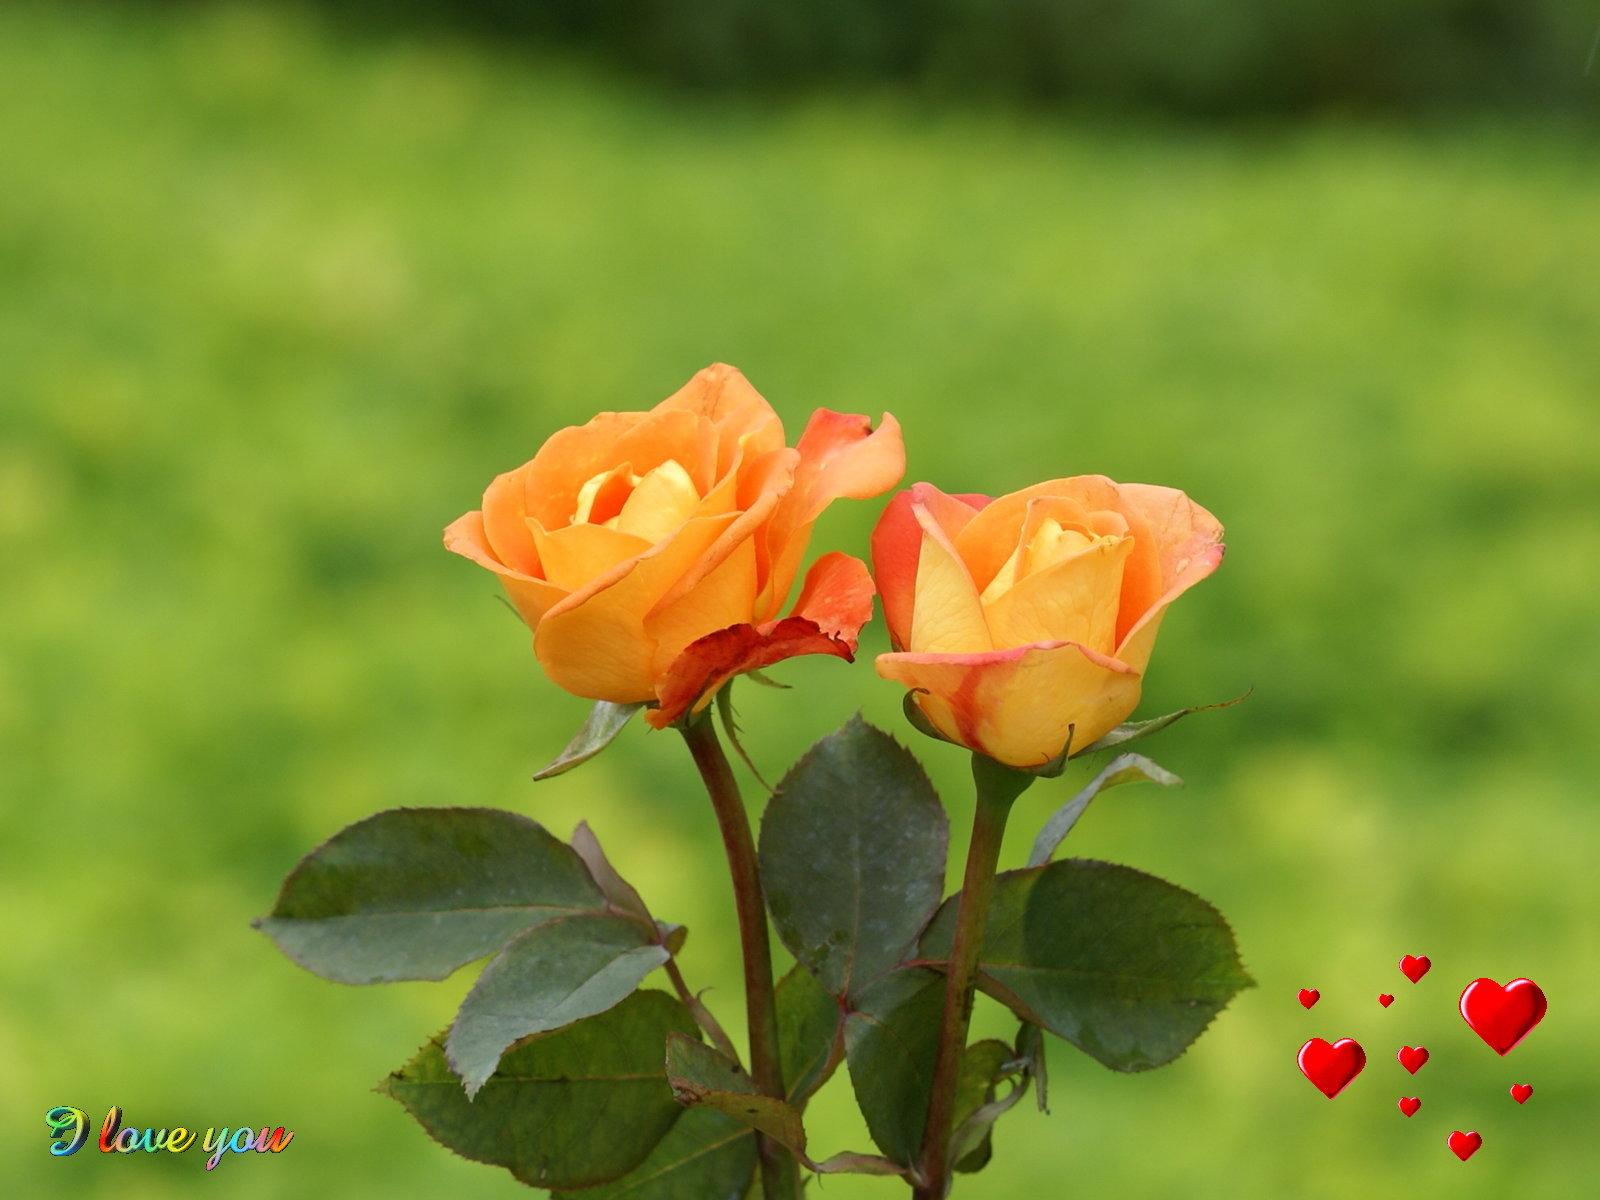 Arti dari 6 Warna Bunga Mawar - 私 の ブ ロ グ ^_^